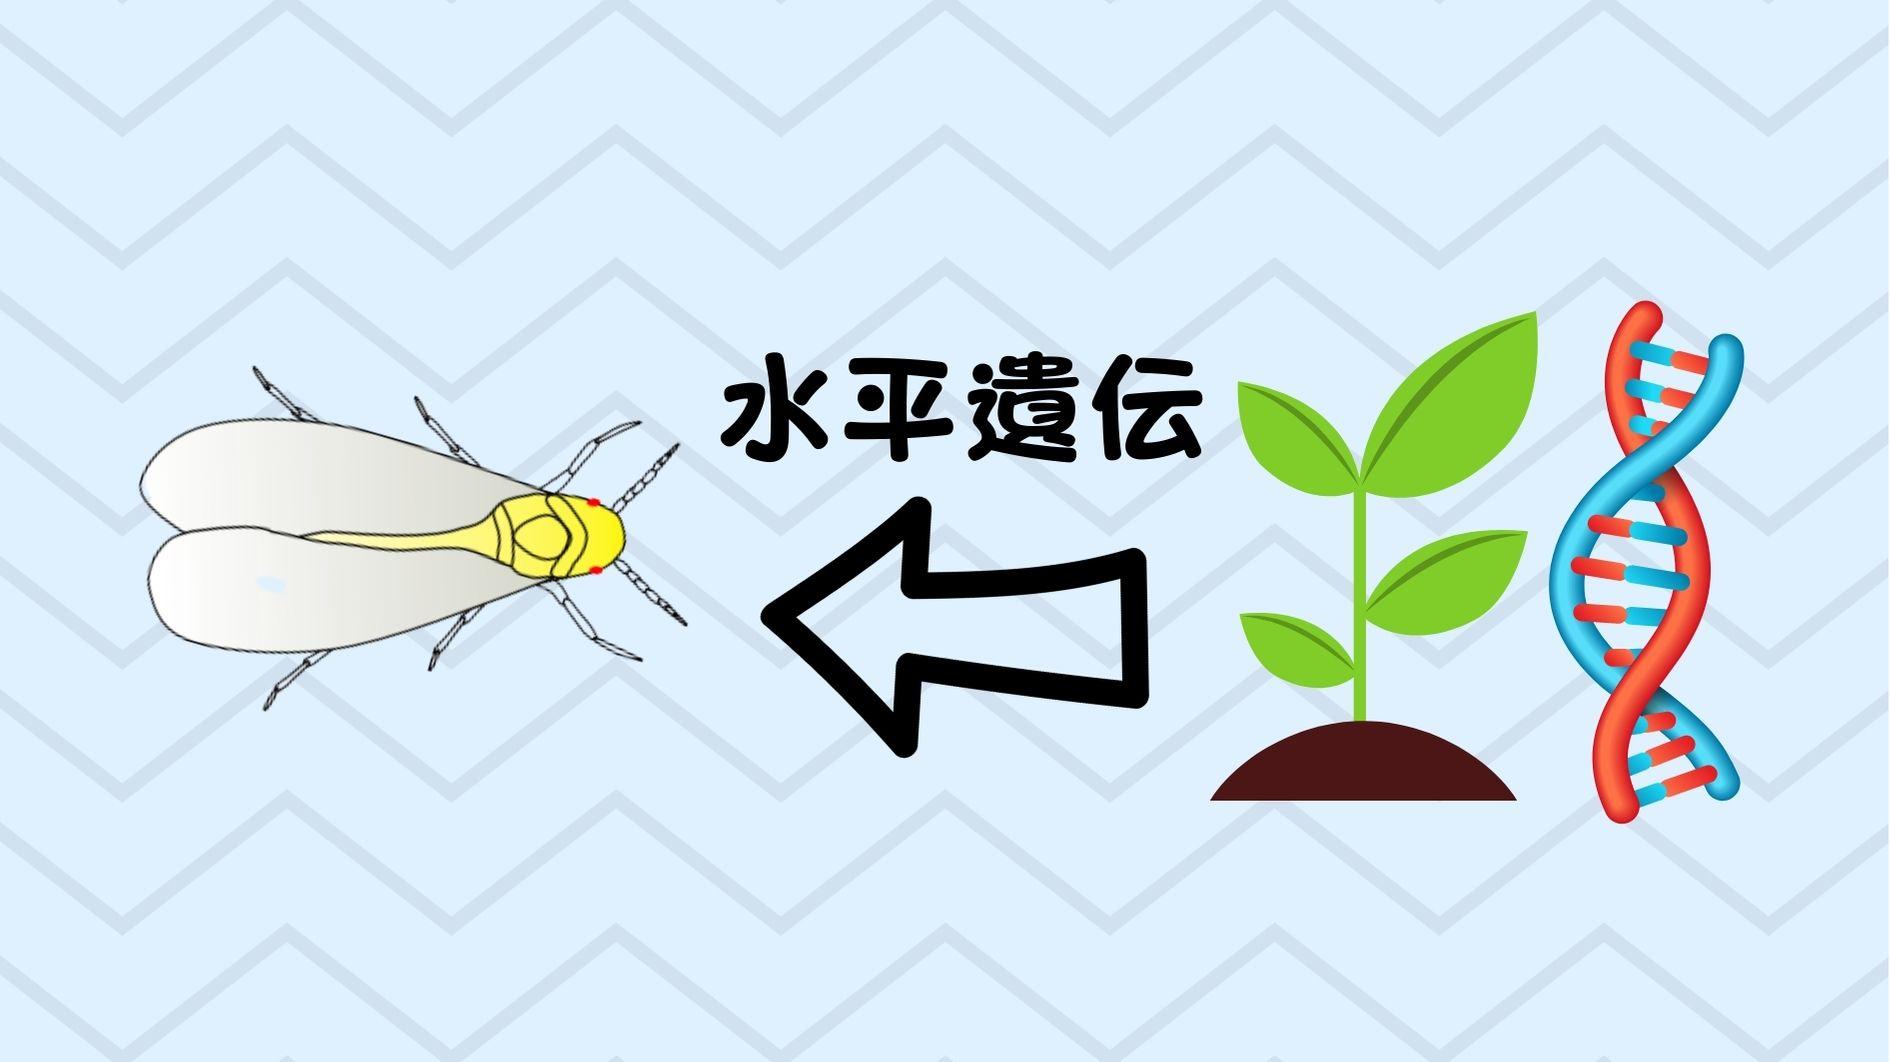 植物から動物への水平遺伝が確認された!